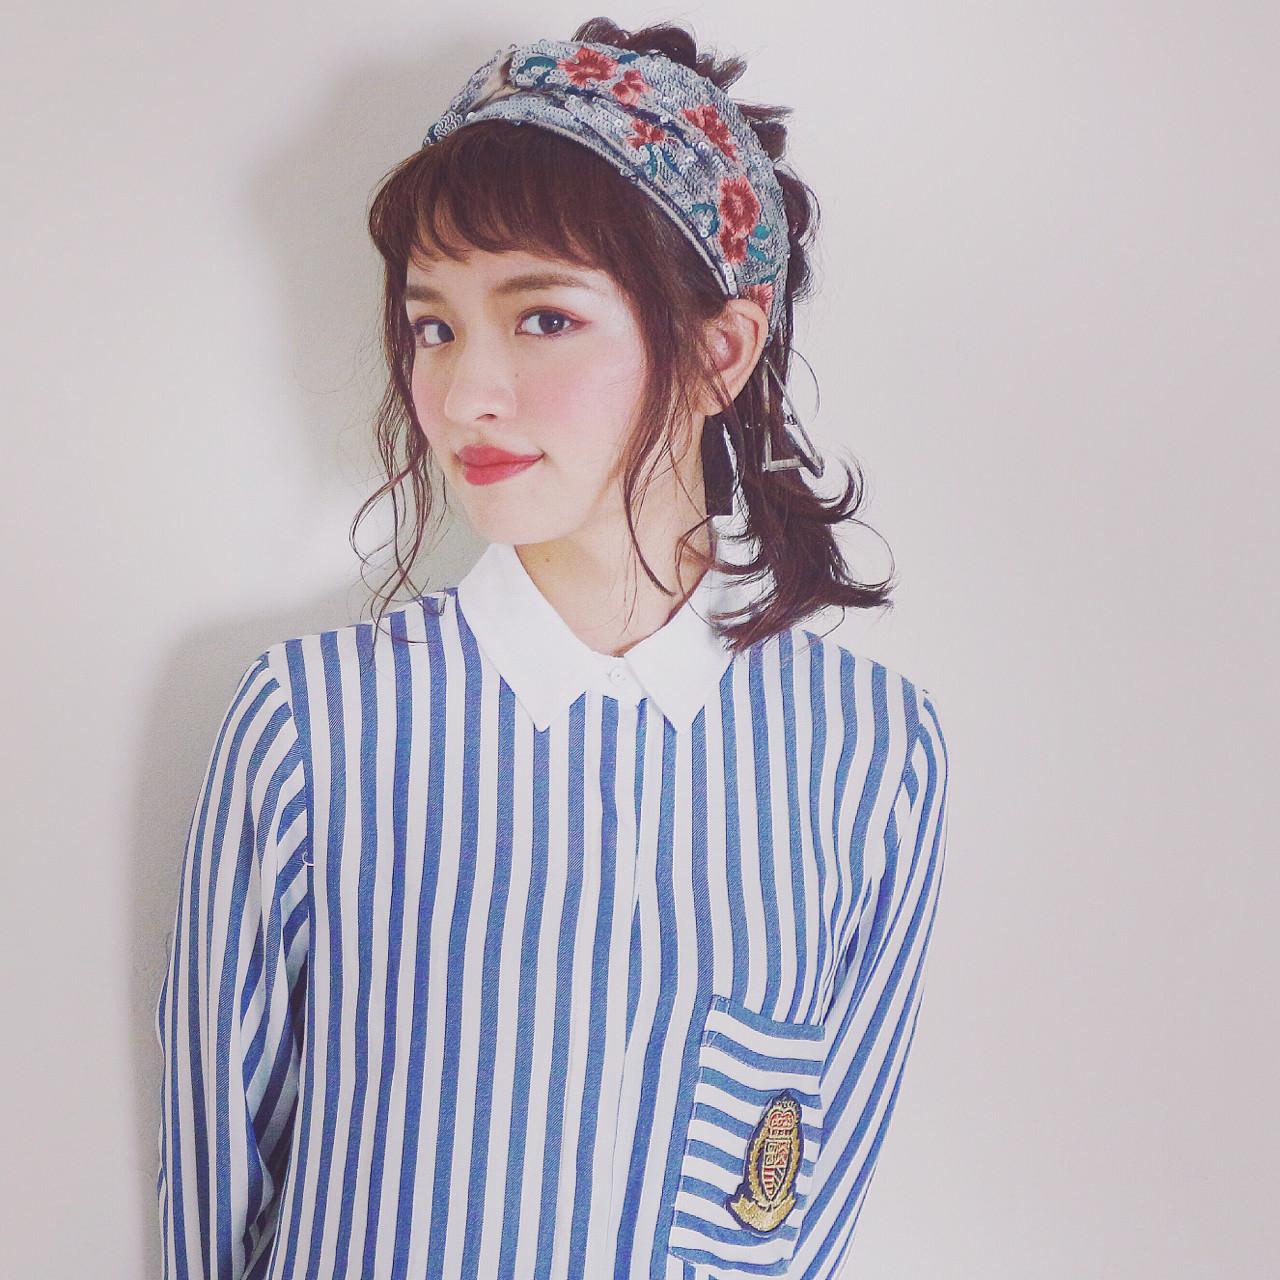 ハーフアップ 編み込み ヘアアレンジ ロング ヘアスタイルや髪型の写真・画像 | ◆Takumi◆ / Beronica